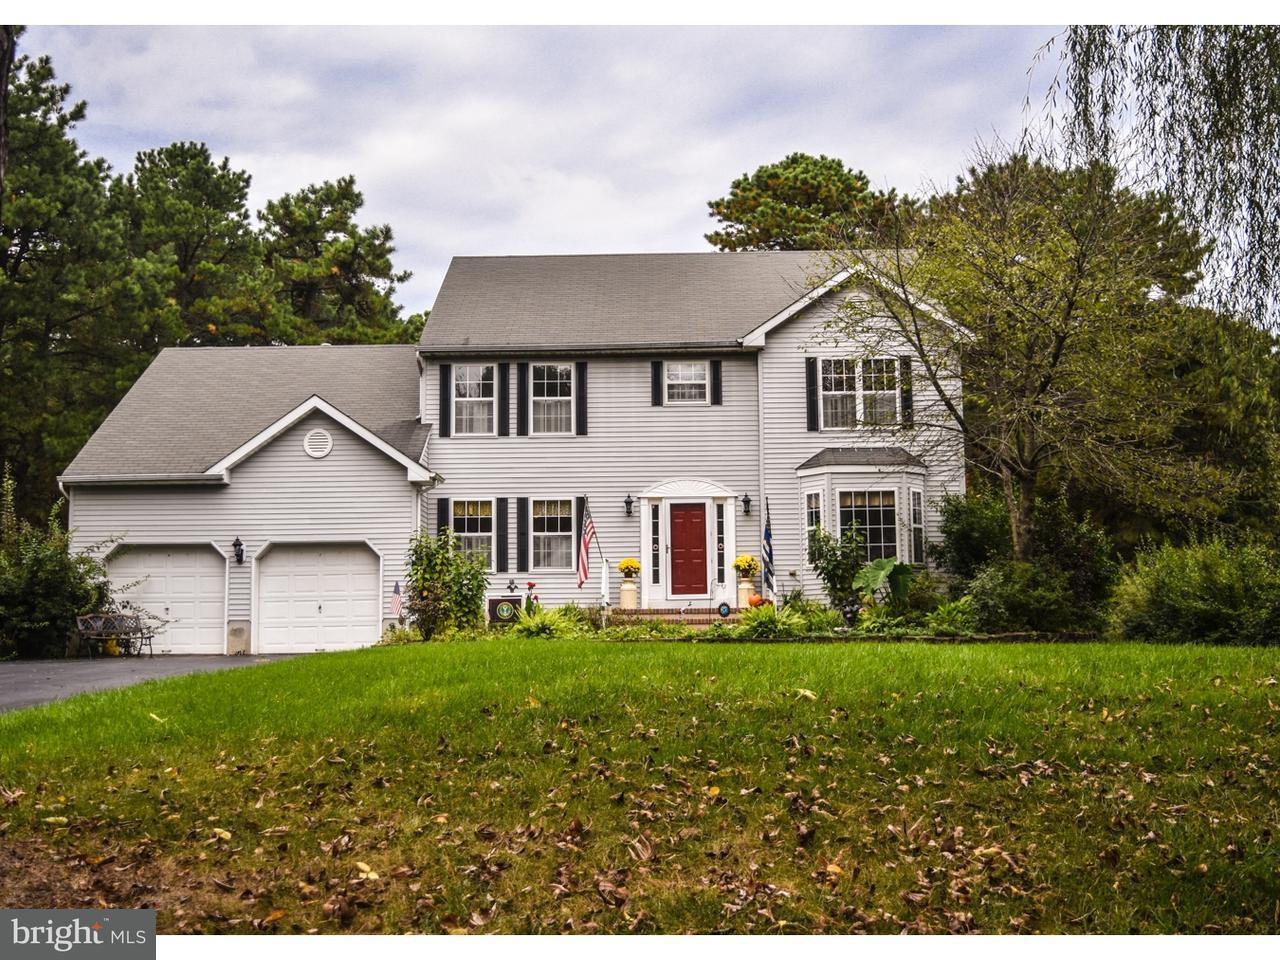 独户住宅 为 销售 在 7 MARYBETH Court Jackson Township, 新泽西州 08527 美国